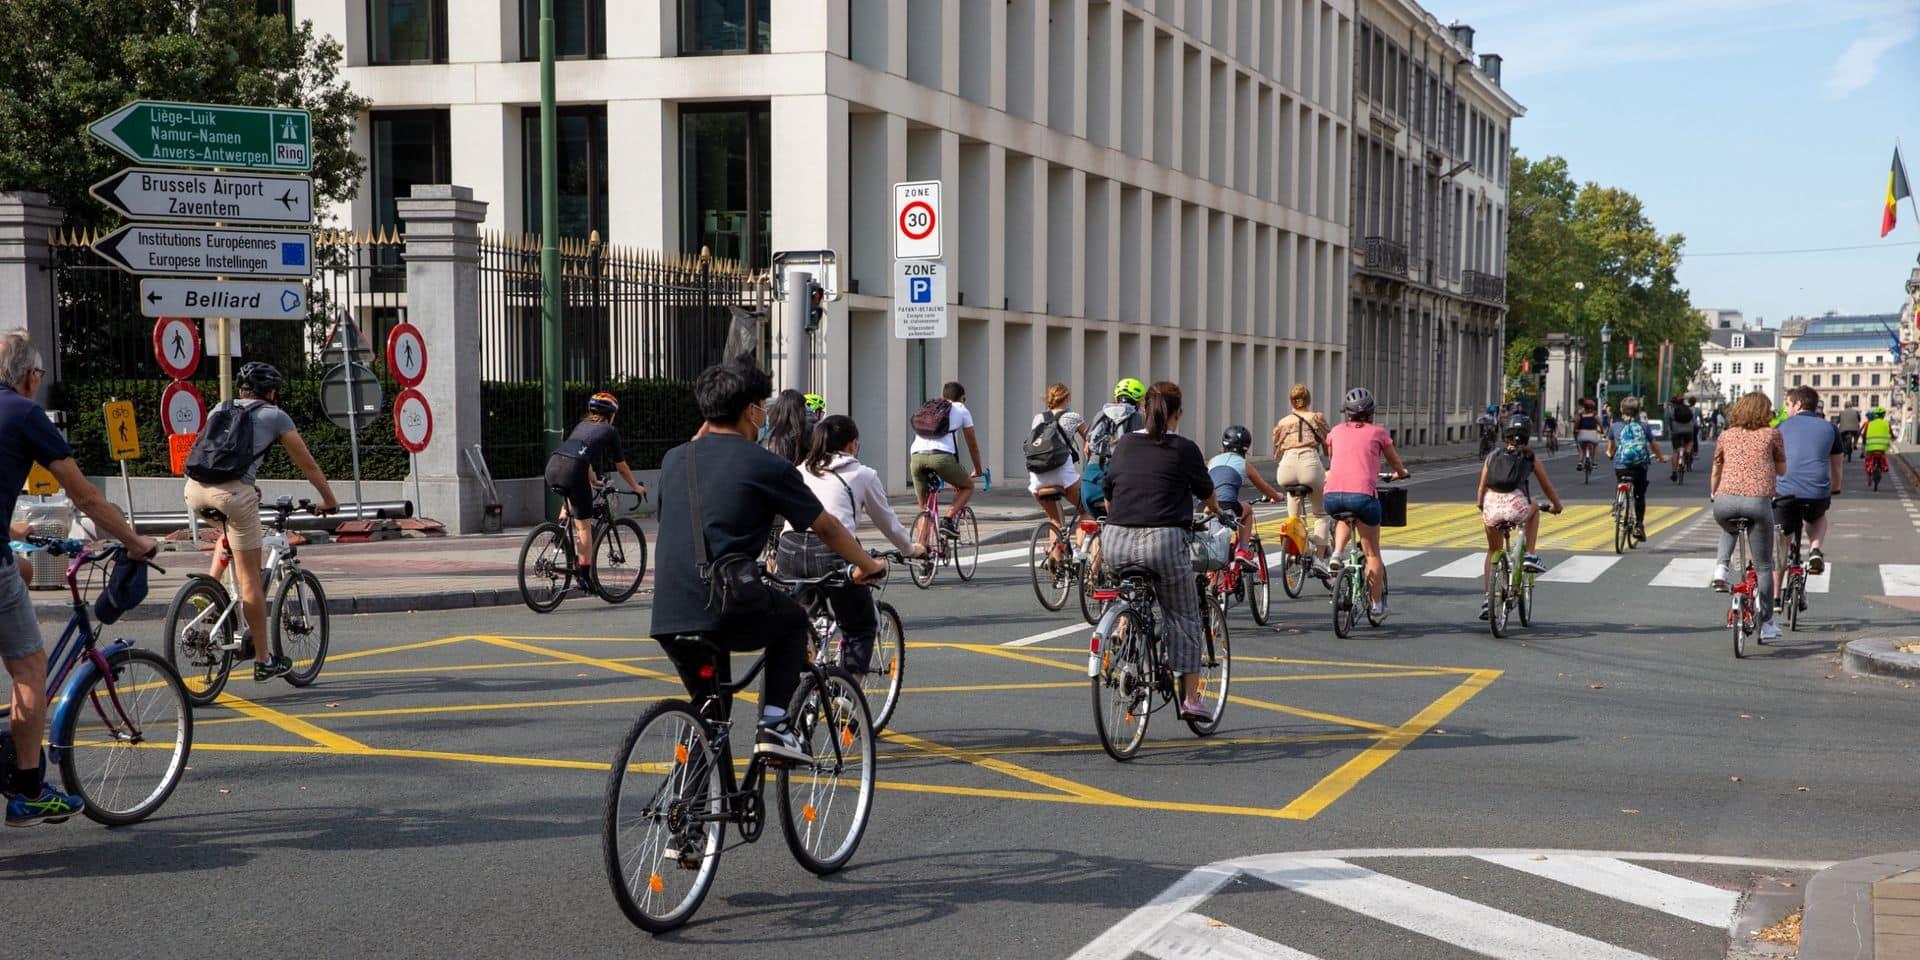 La journée sans voiture, ce n'est pas qu'à Bruxelles: des villes wallonnes et flamandes participent également